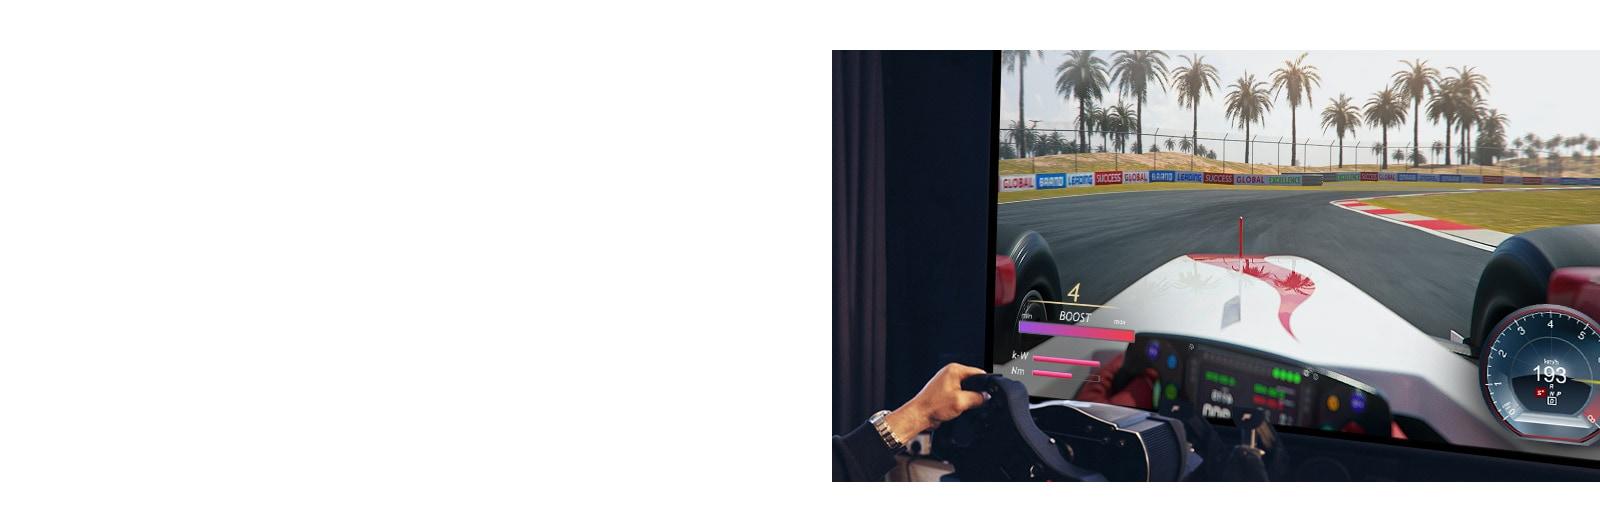 Image en plan rapproché d'un joueur tenant un volant de course et jouant à un jeu de course sur un écran de téléviseur.